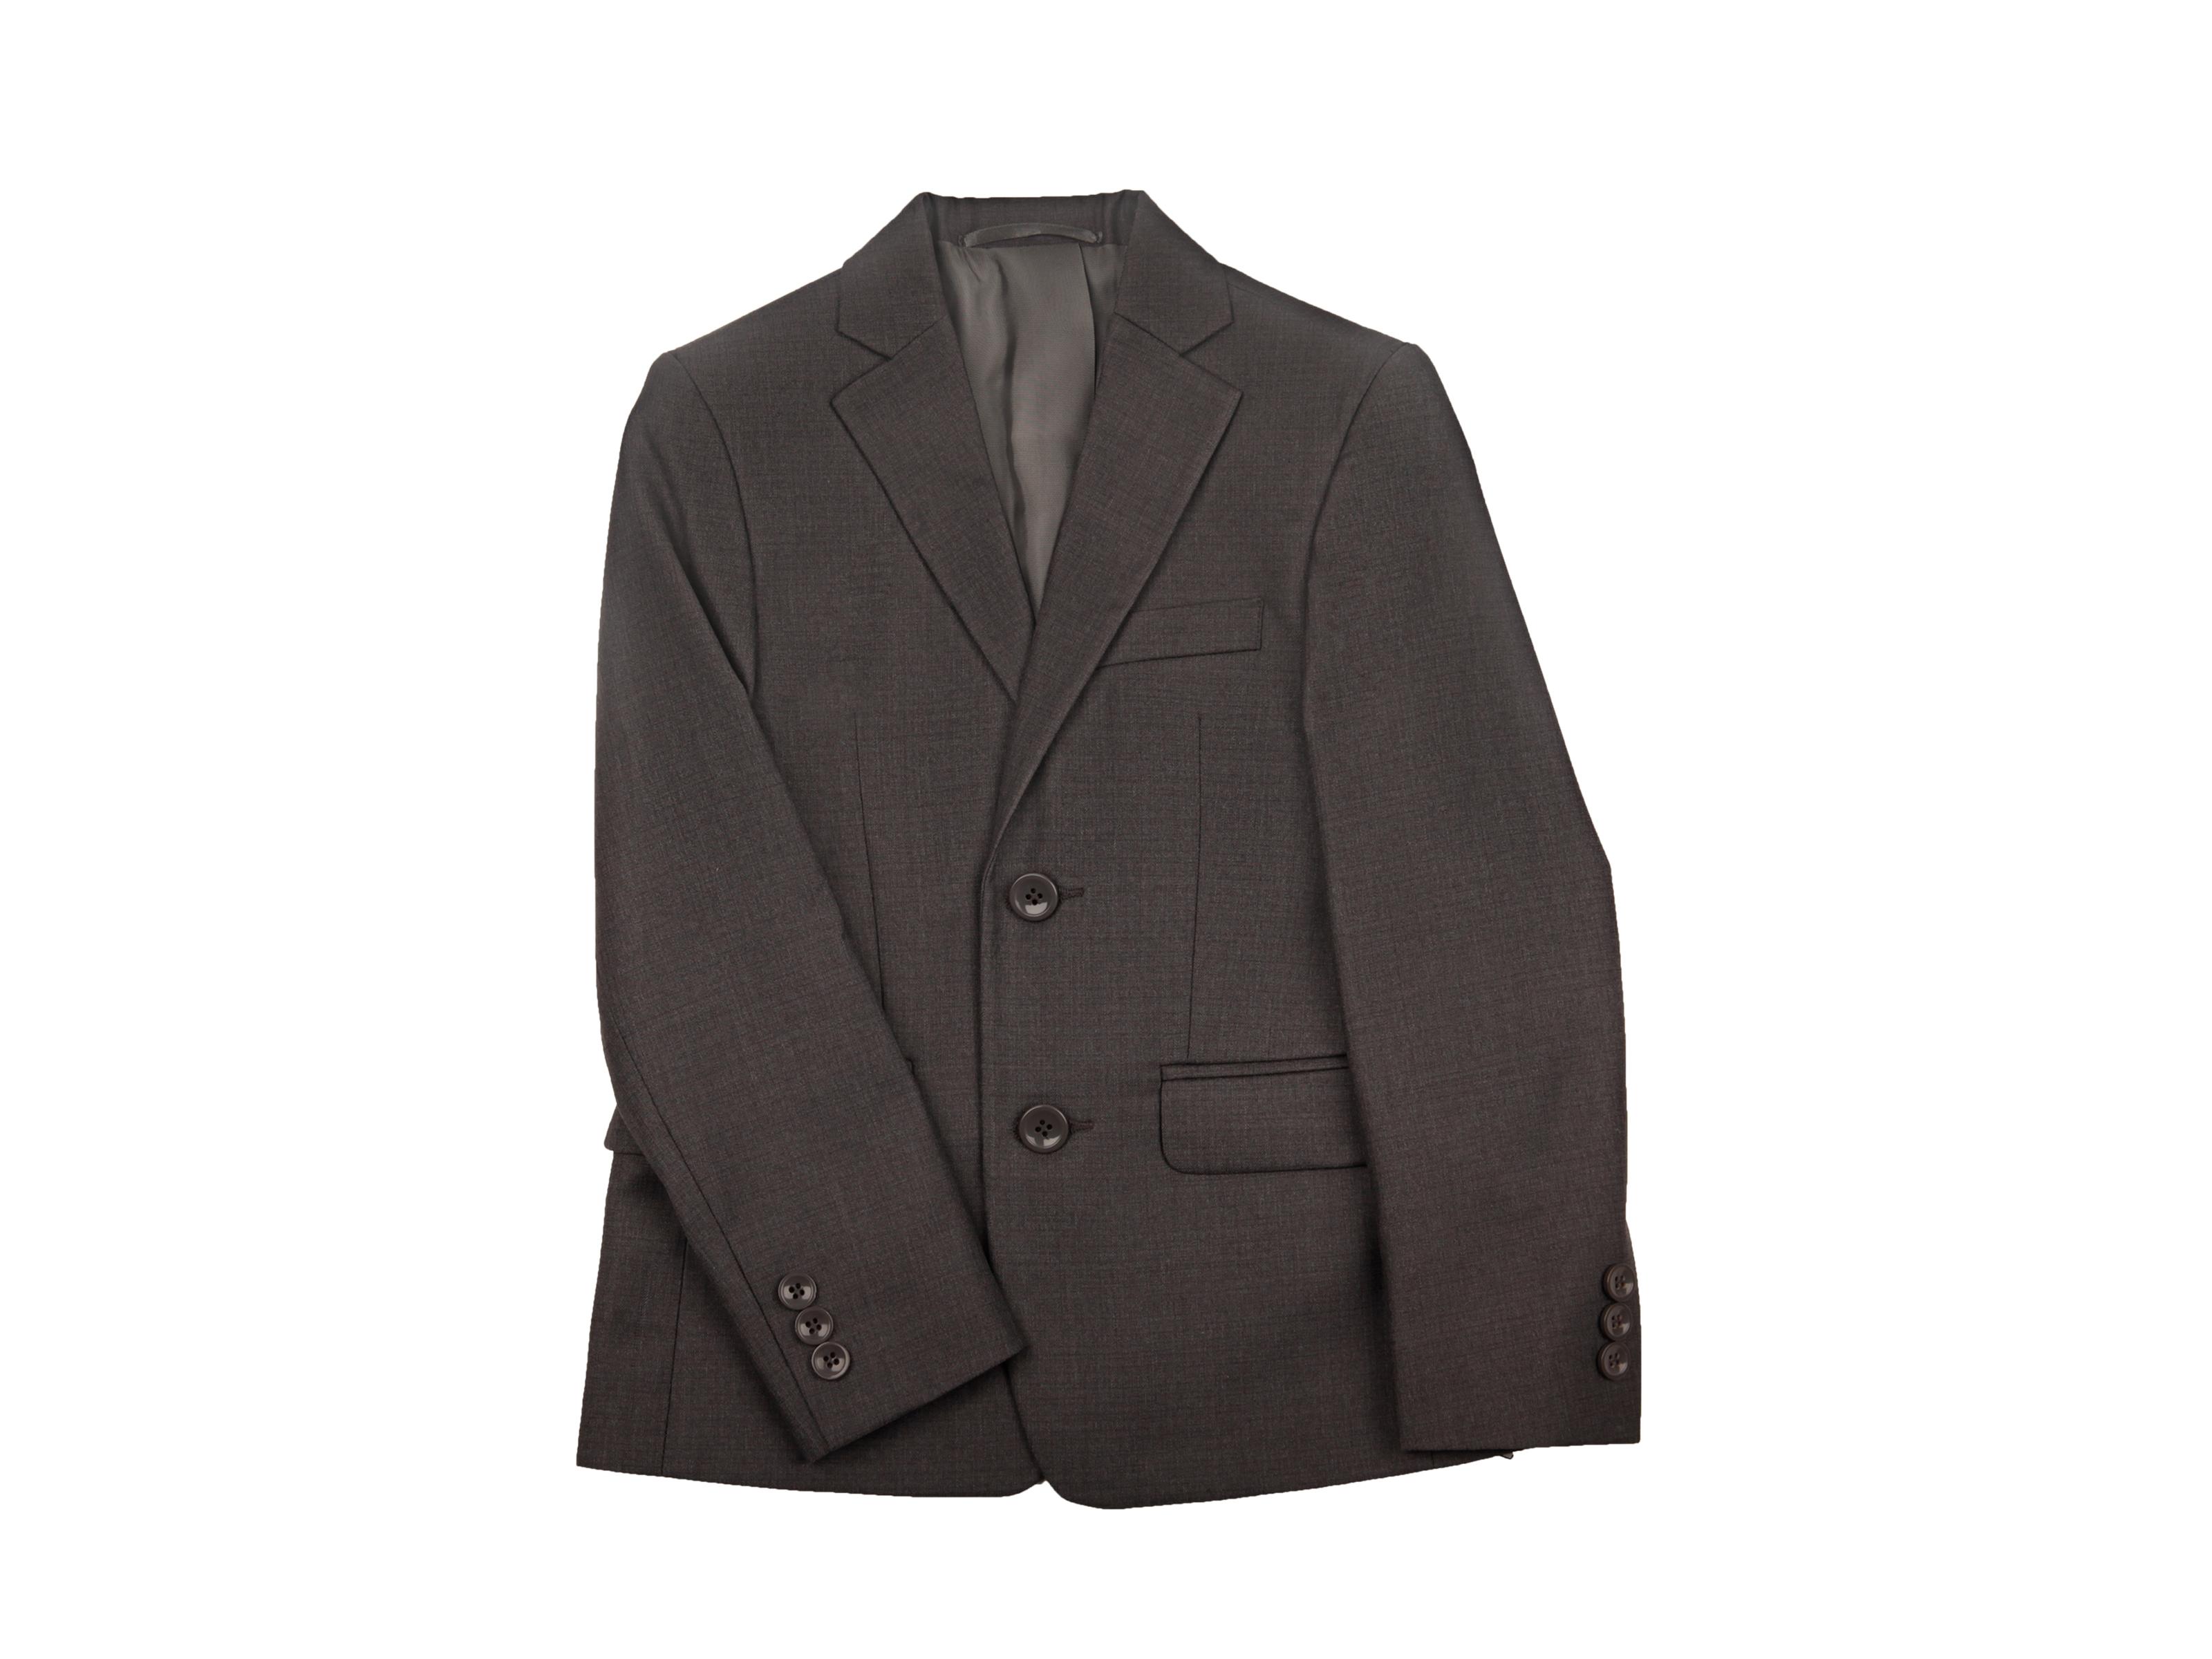 Купить со скидкой Пиджак для мальчика Valmer серый